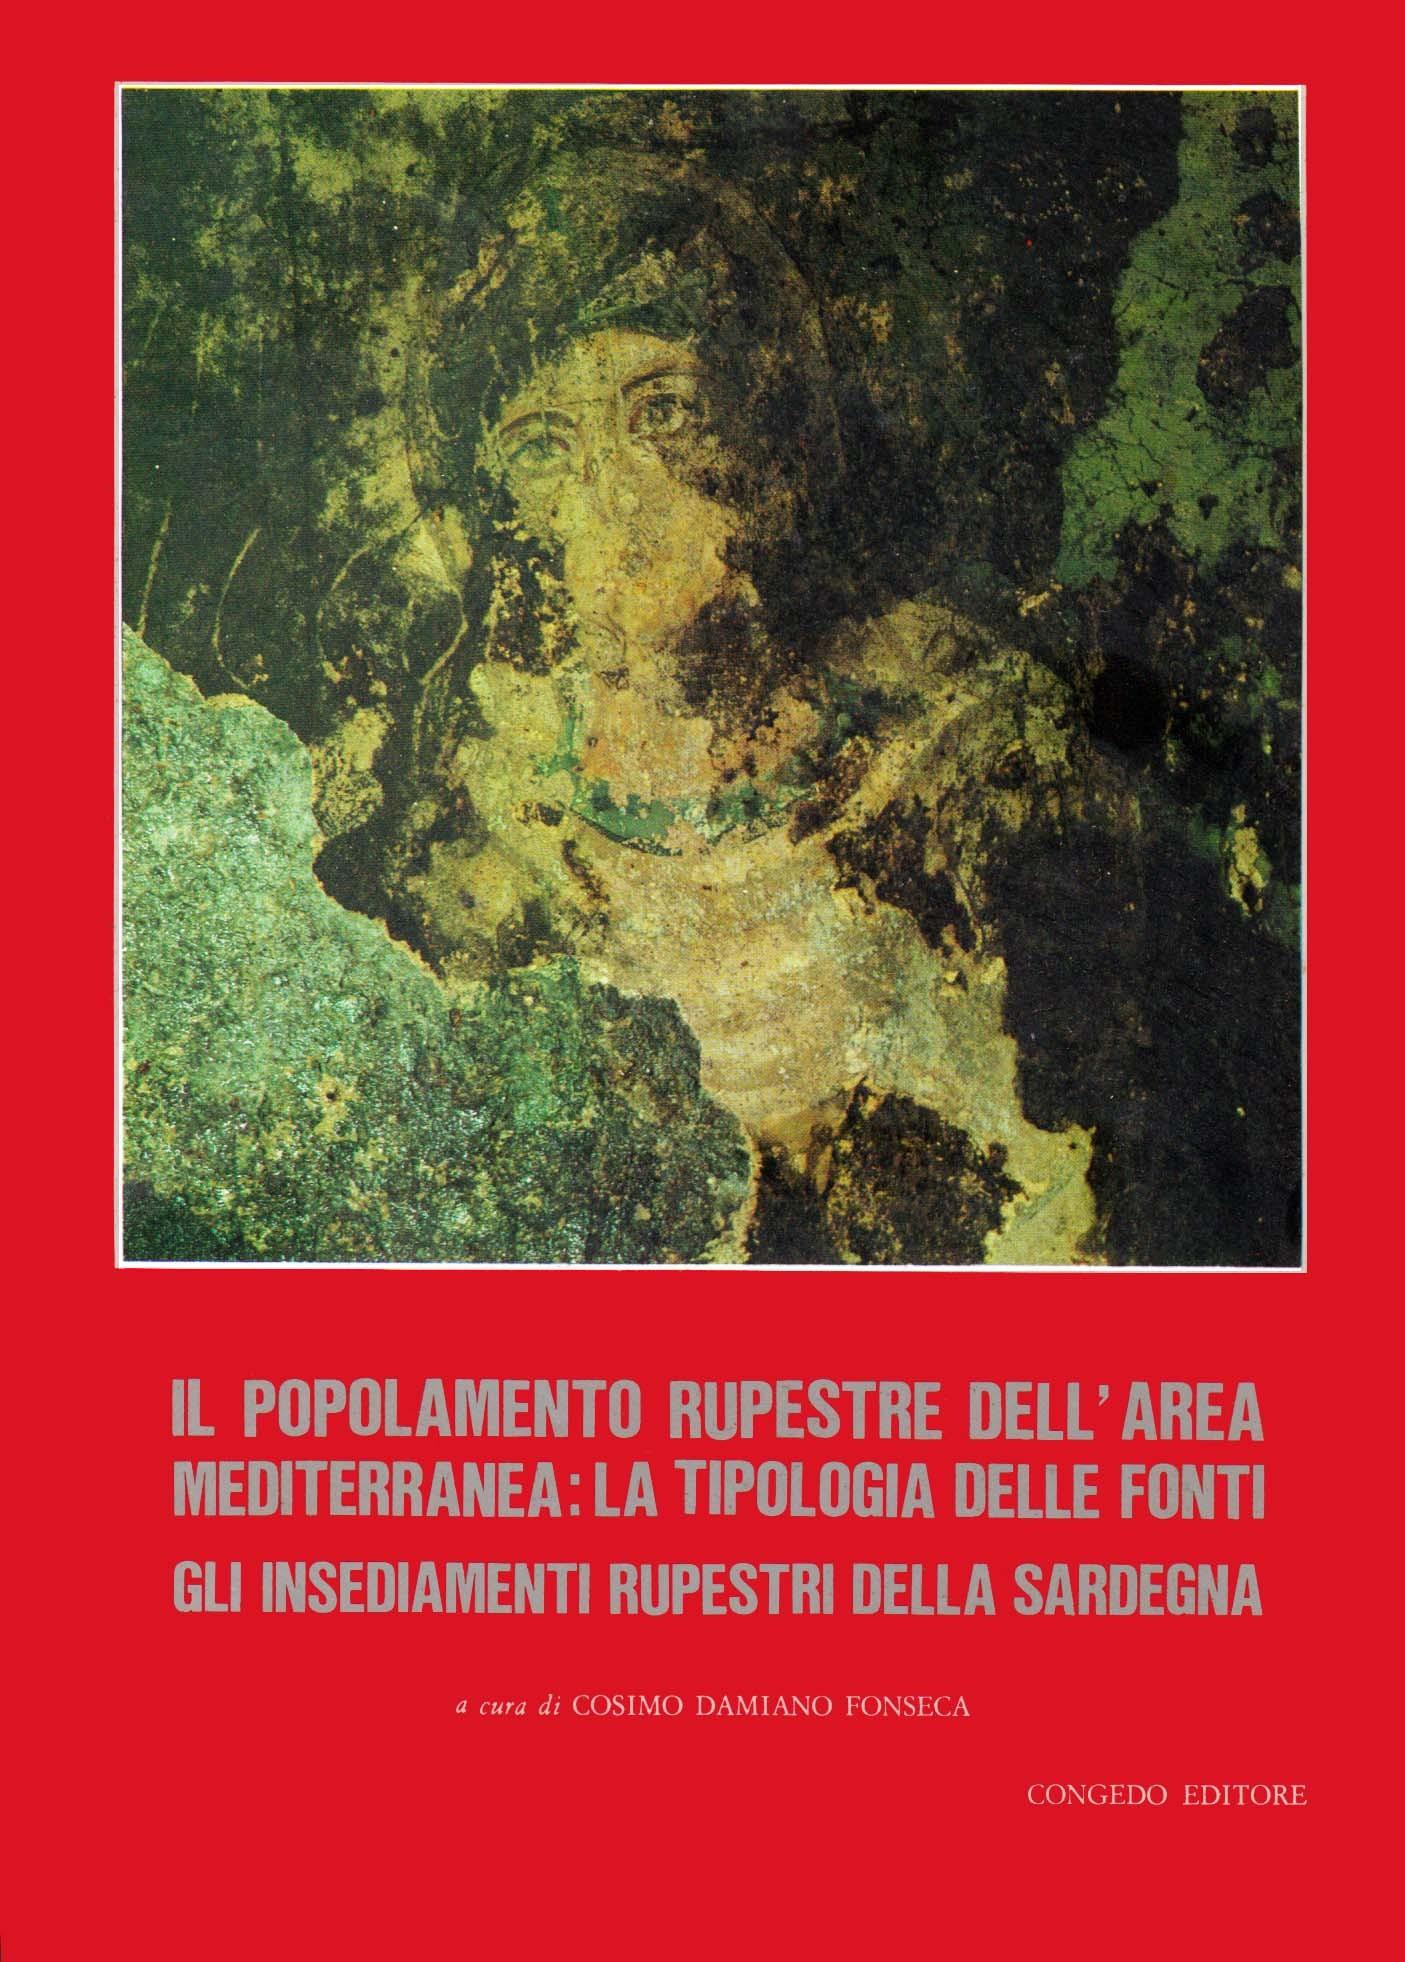 Il popolamento rupestre dell 39 area mediterranea la for Libri sull architettura